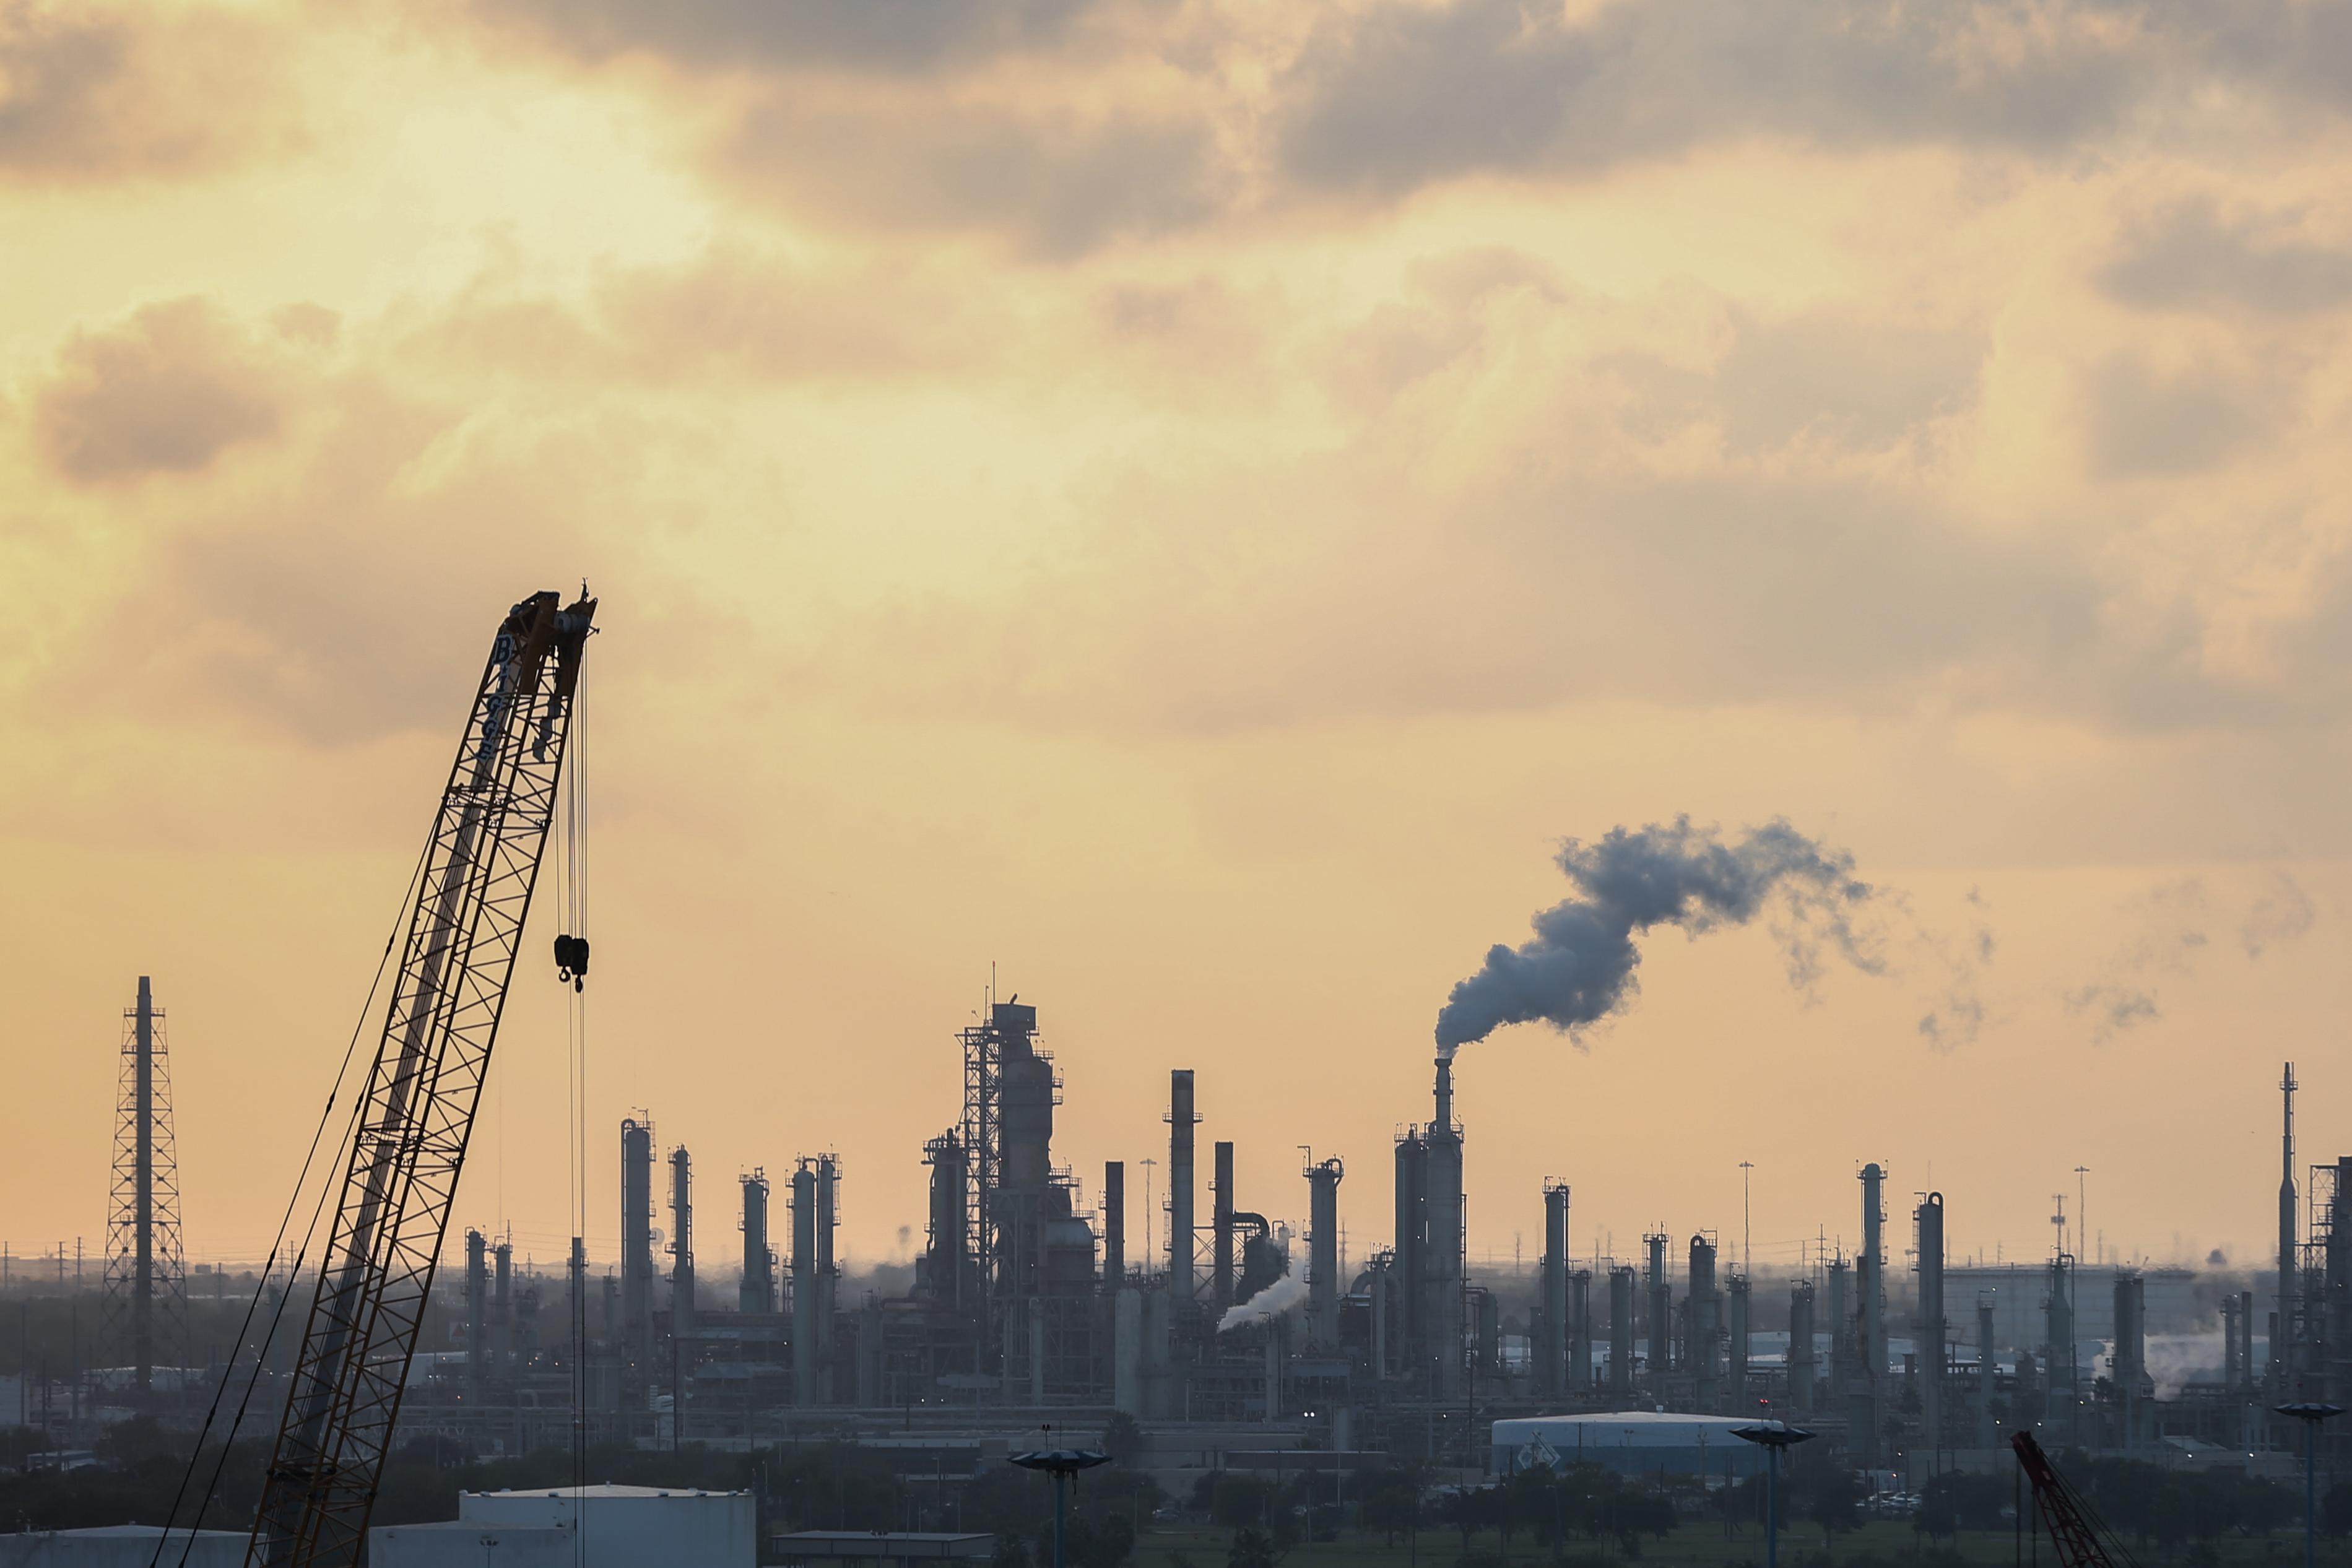 德克薩斯州的煉油廠,圖片拍於2018年11月8日。(Charlotte Cuthbertson/大紀元)